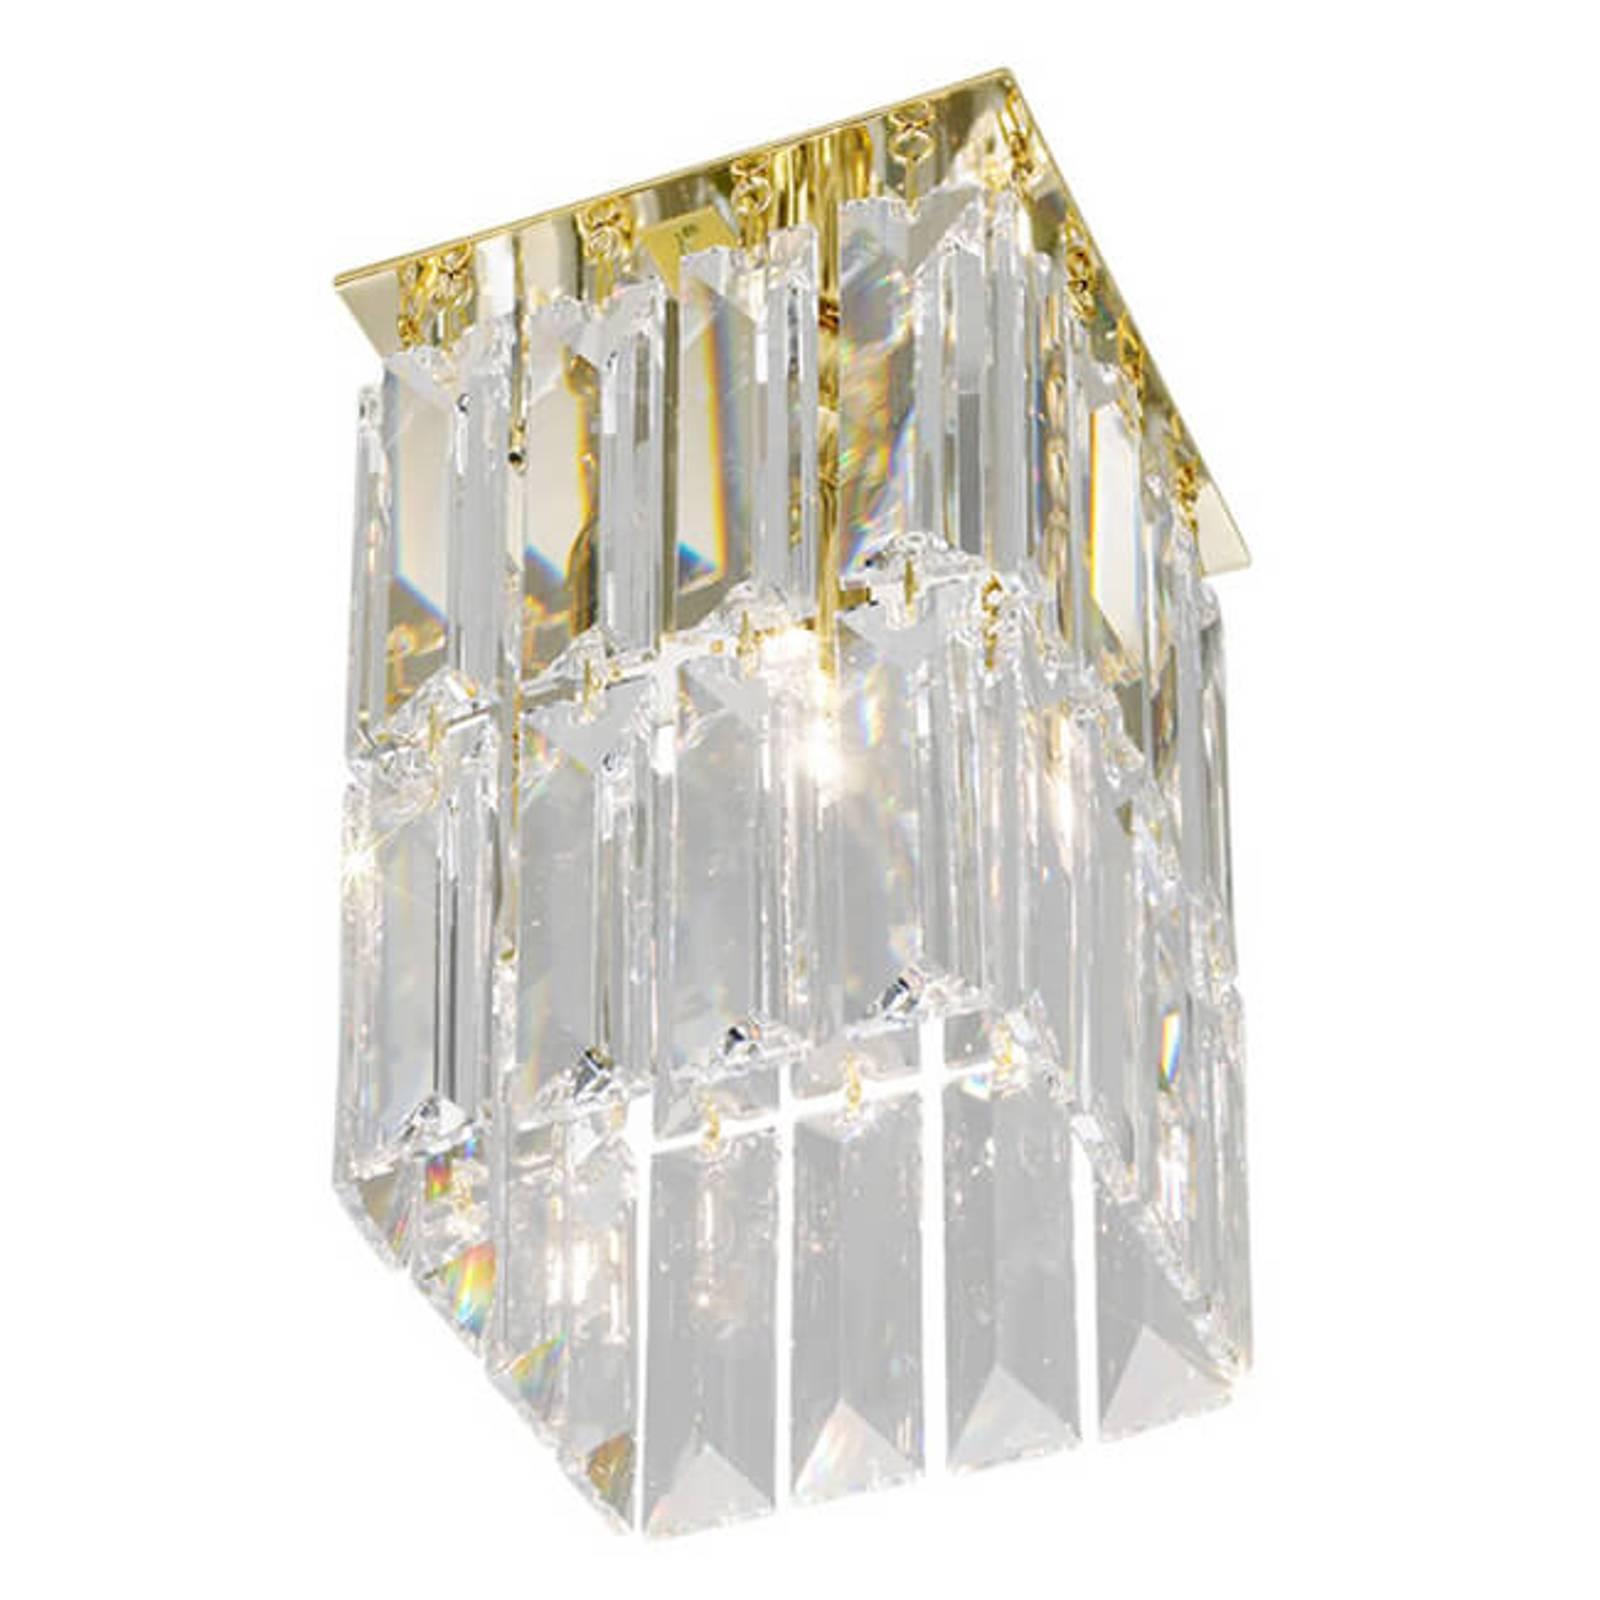 Kultainen PRISMA-kristallikattovalaisin